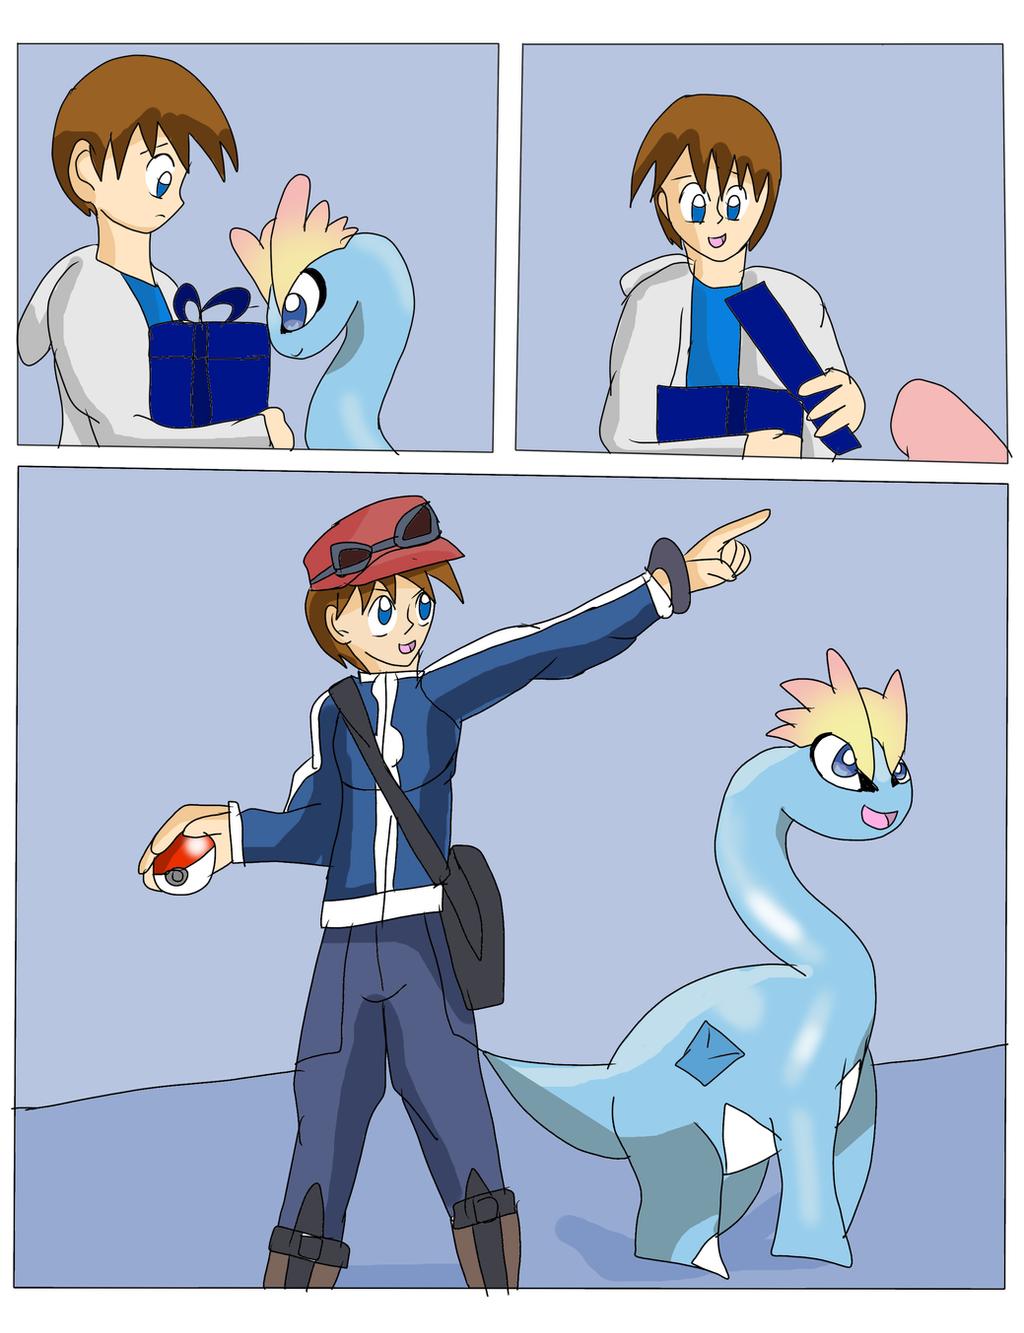 Pokemon Amaura And Aurorus Images